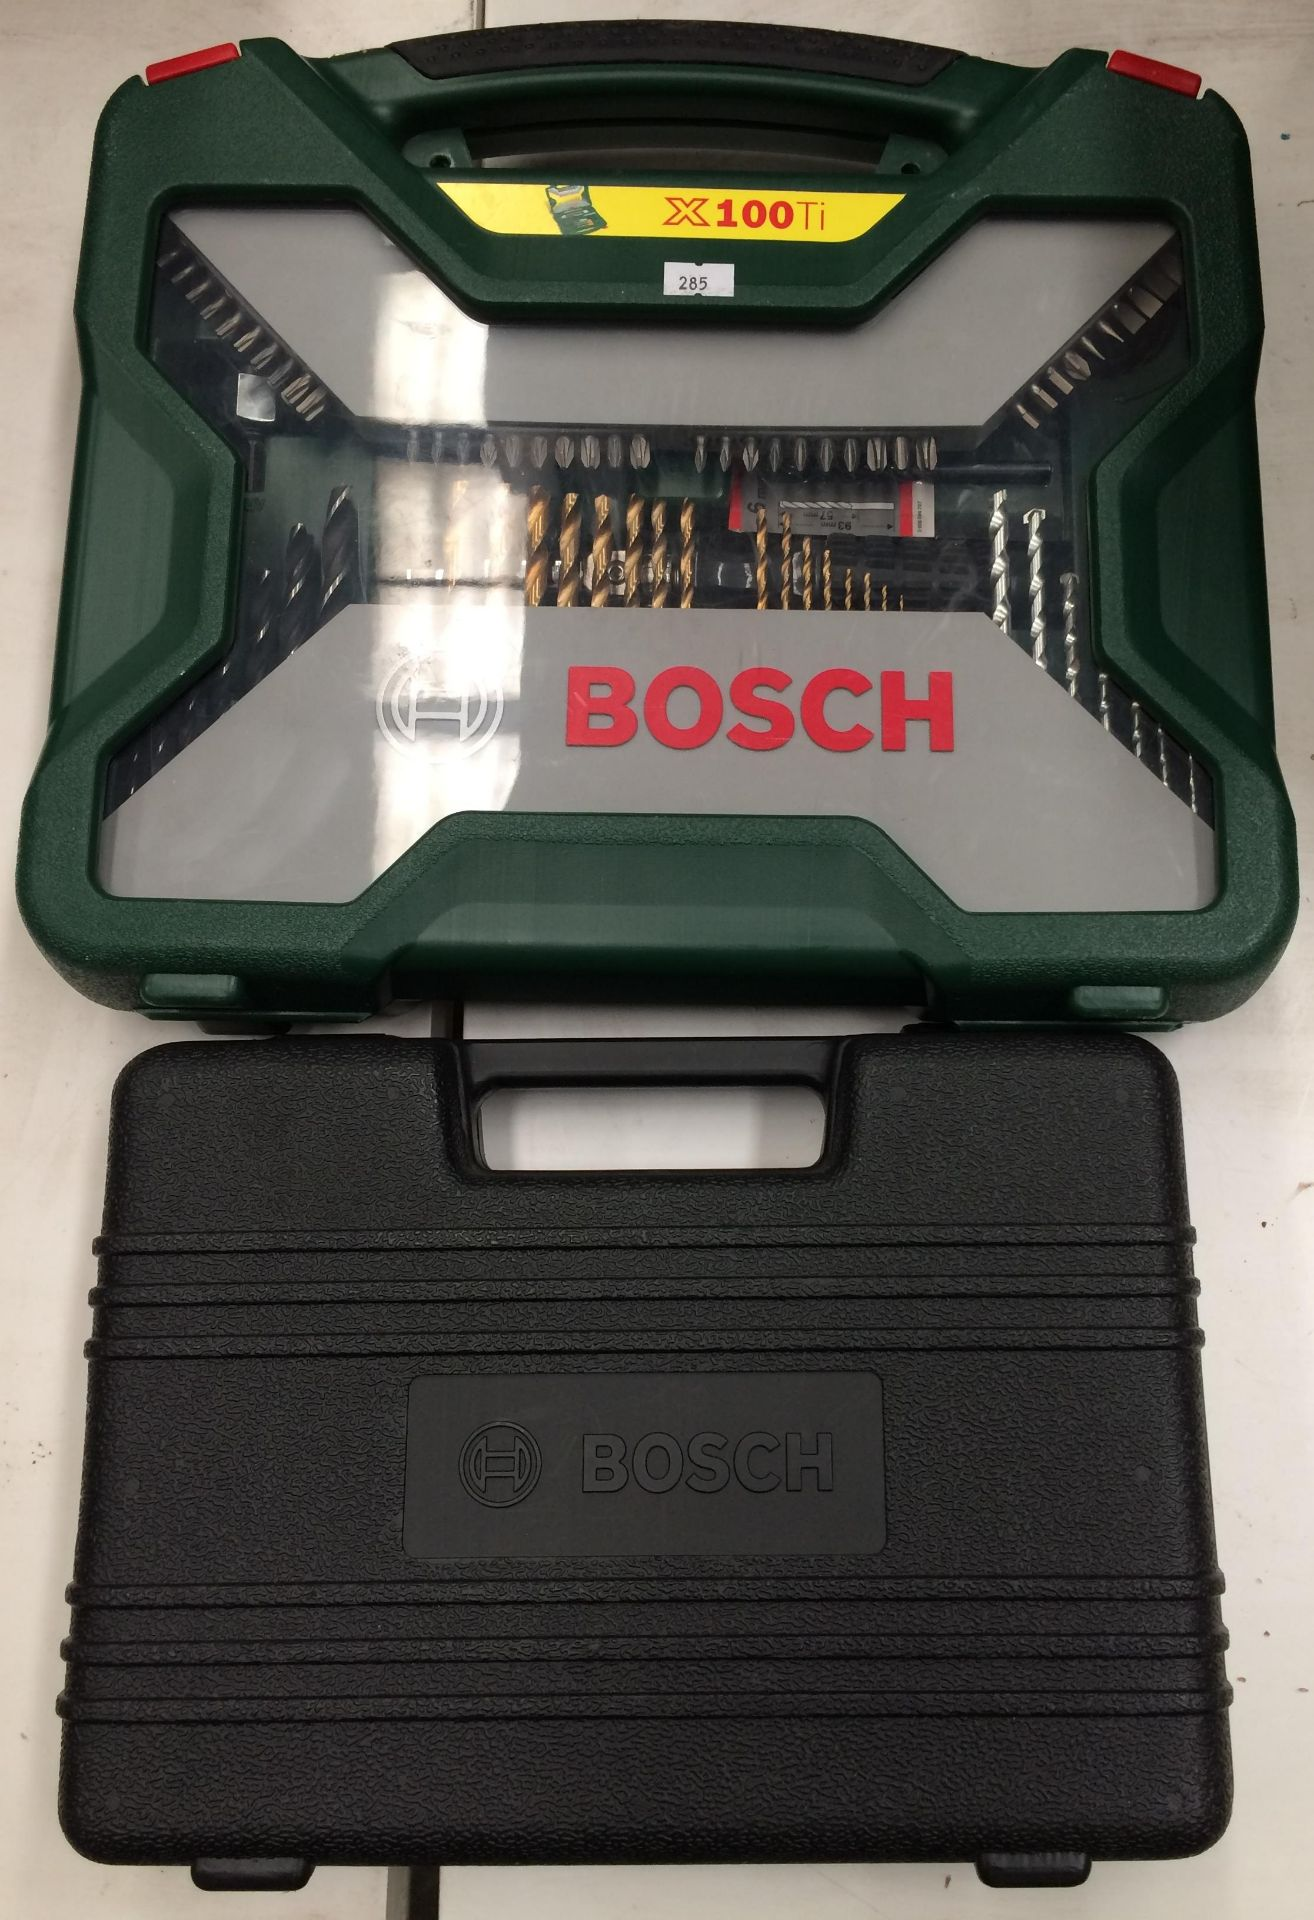 Bosch X100Ti 100 piece drill set and a Bosch attachment set